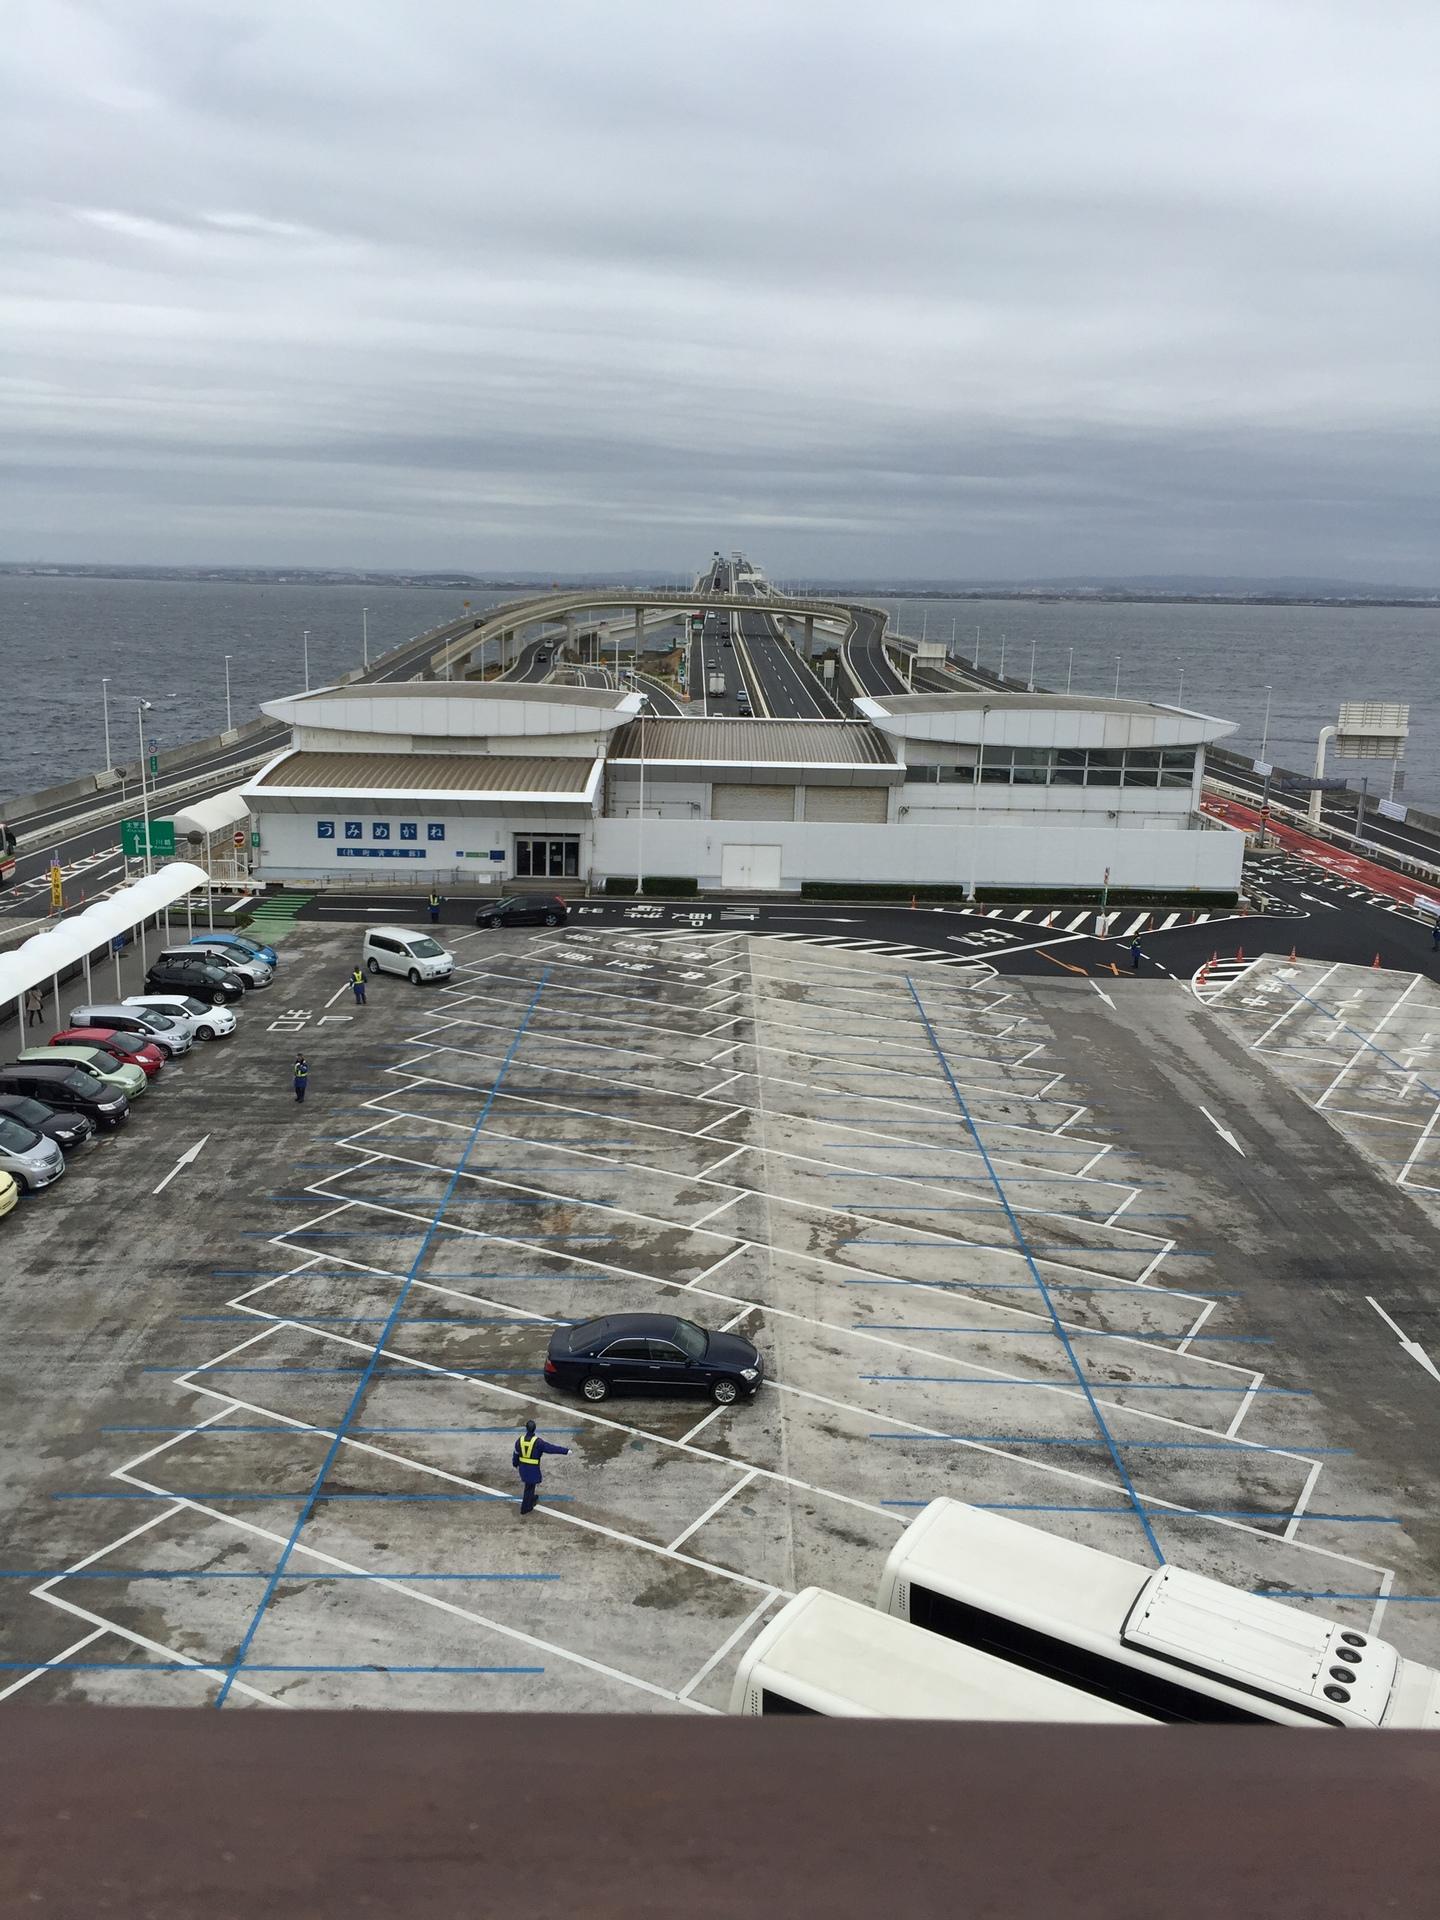 【東京湾アクアライン】 海ほたるとうみめがね。神奈川県から千葉県へ移動